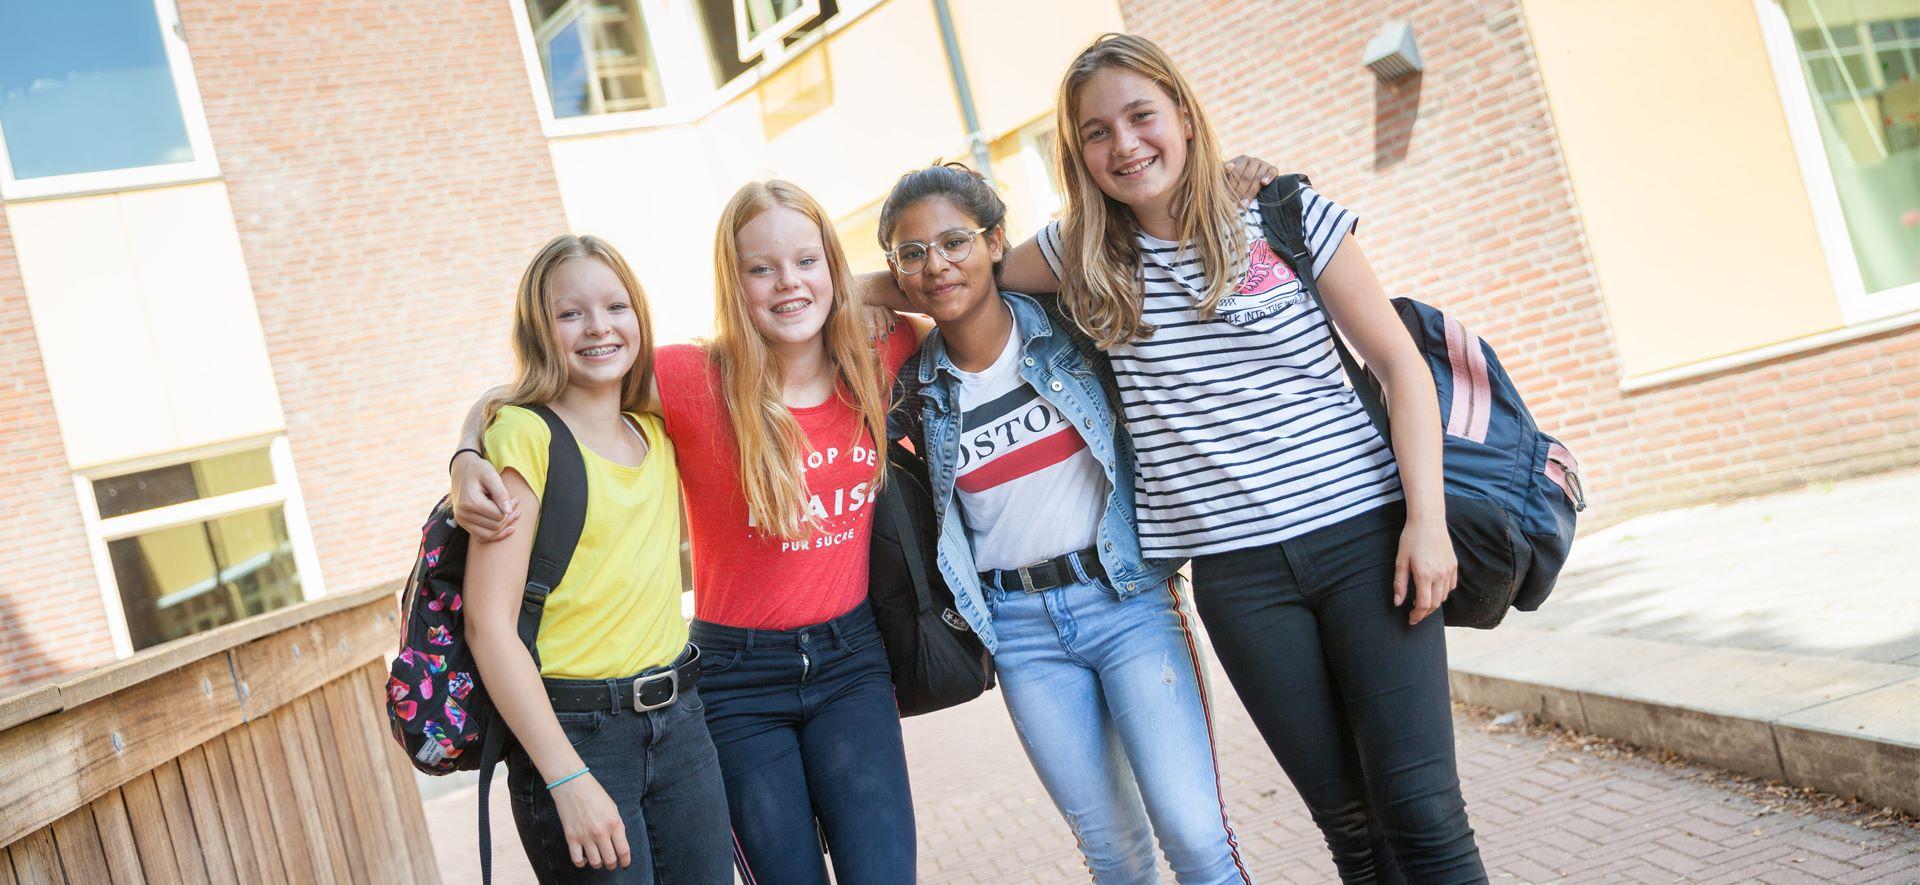 https://www.ubboemmius.nl/wp-content/uploads/2018/09/20180820_Ubbo_online_beeldmateriaal_13_leerlingenraad.jpg